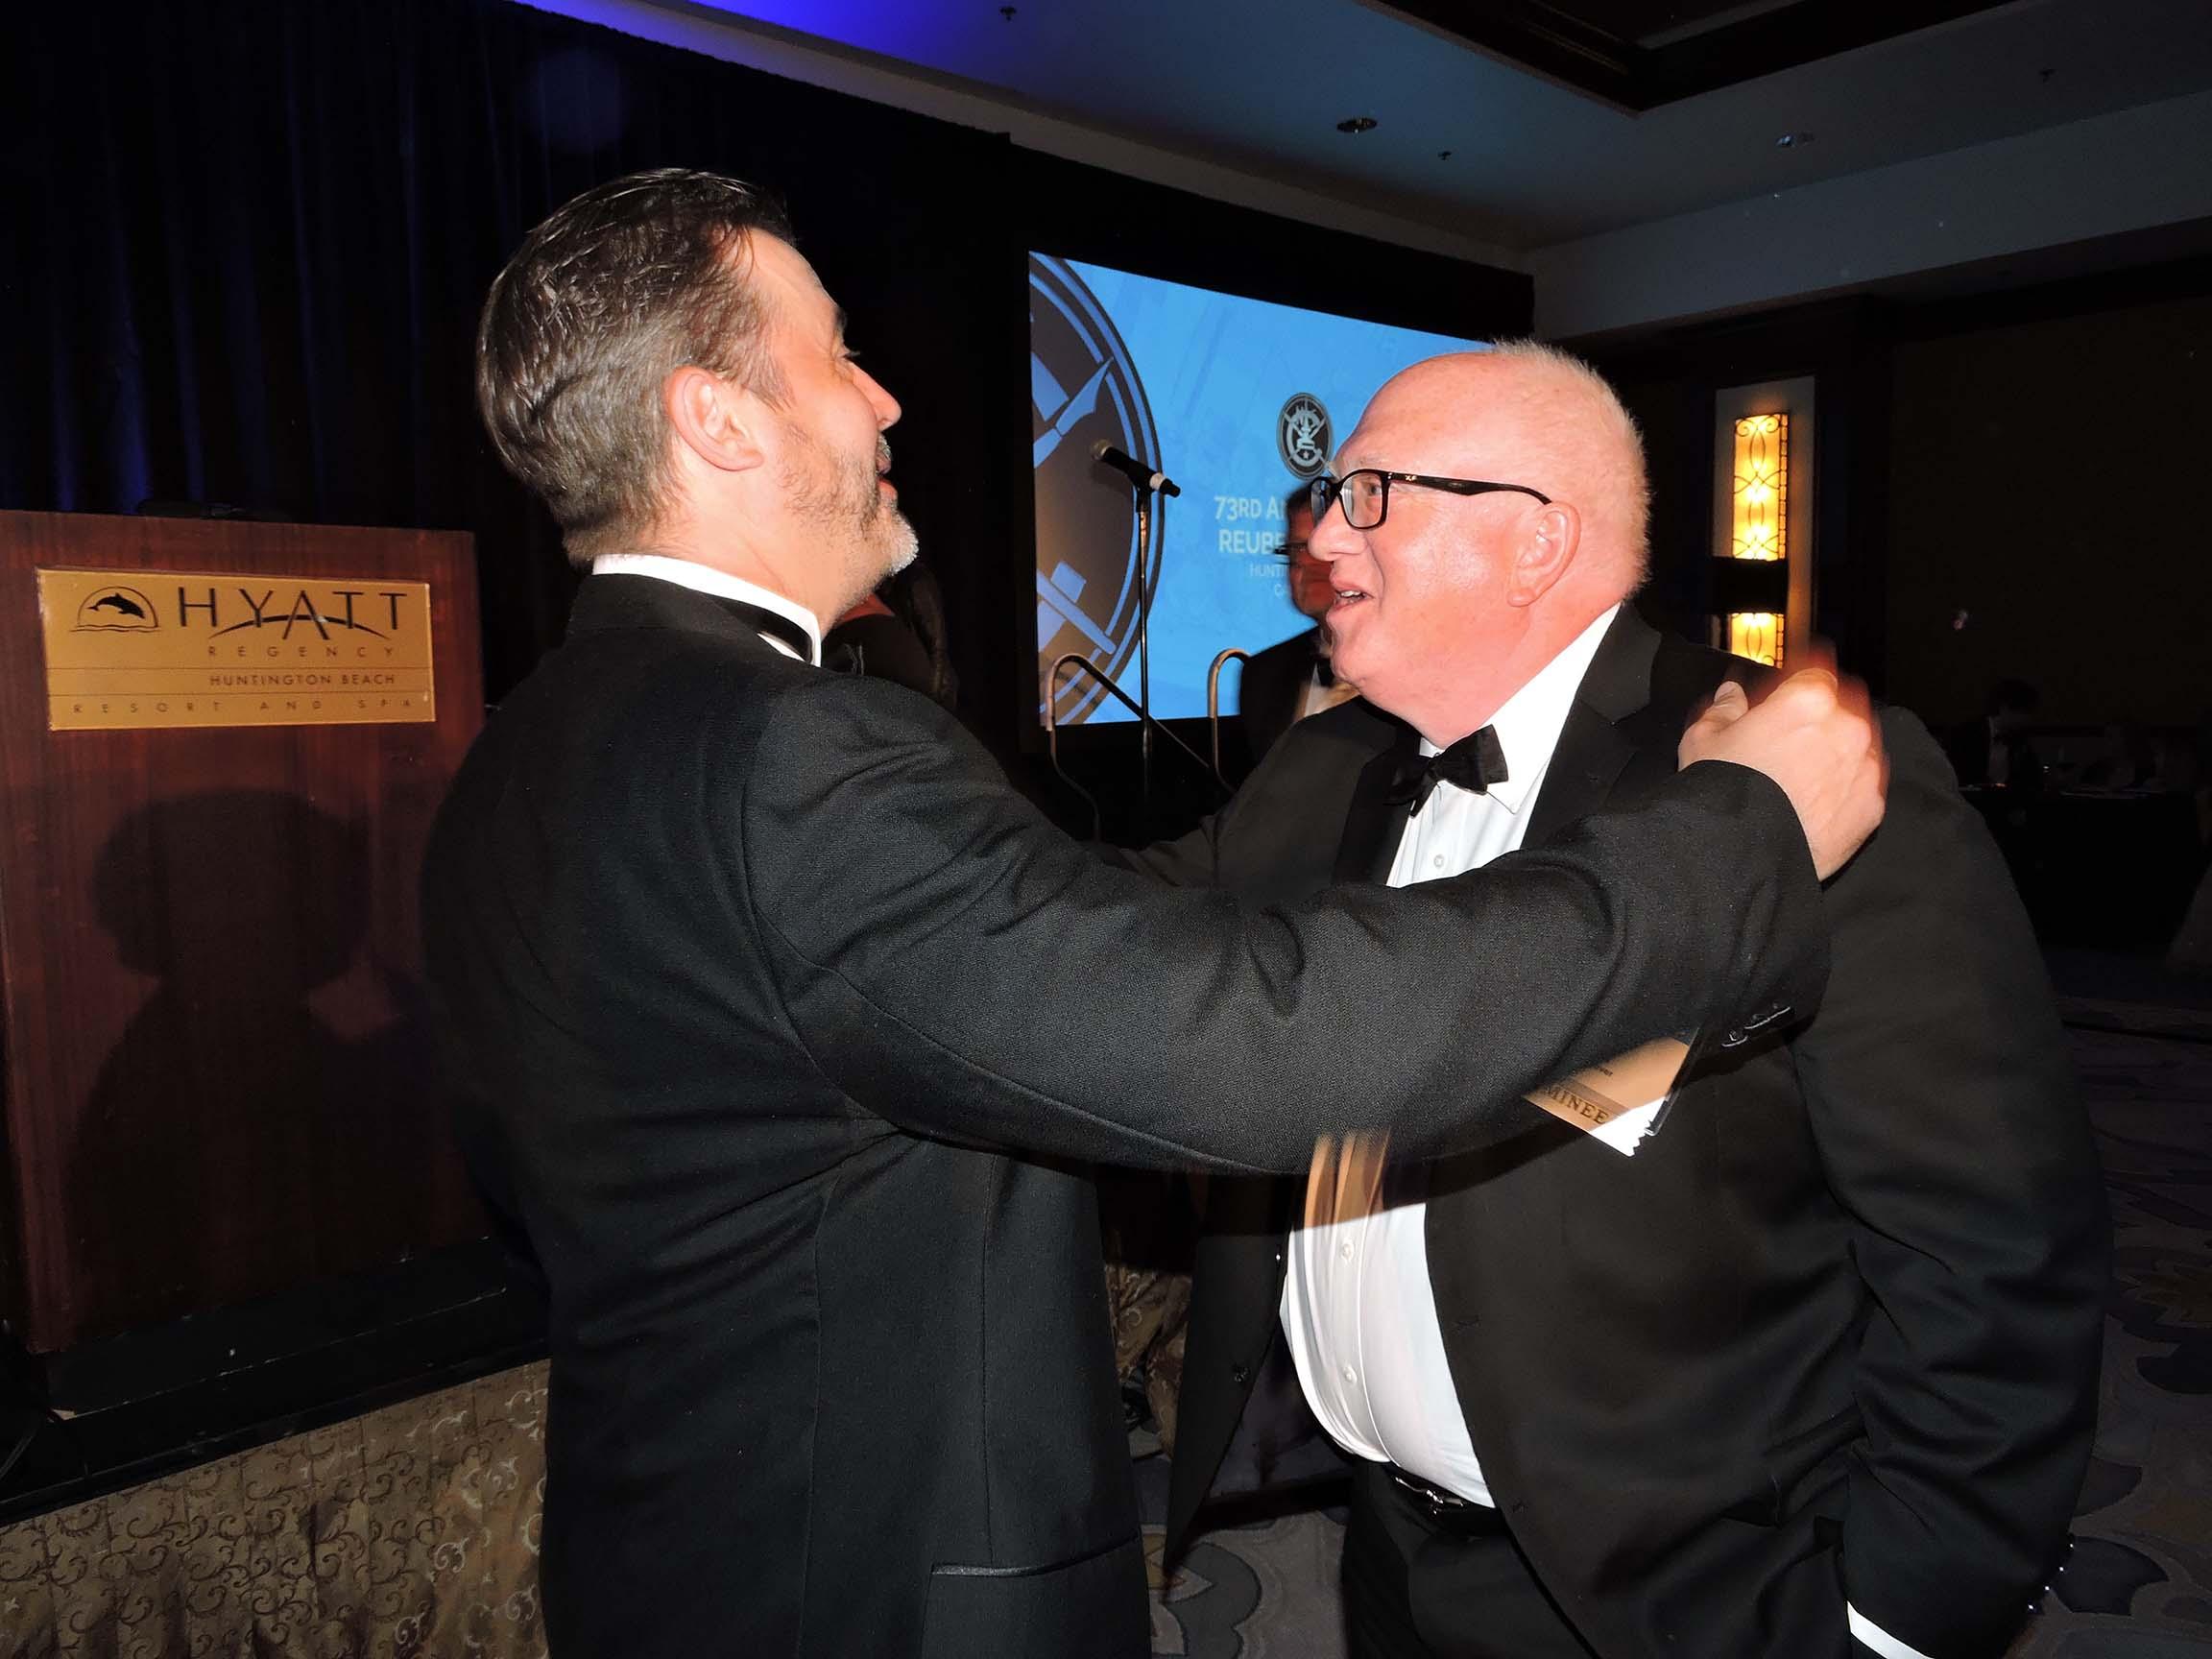 Stephan Pastis (left) and Brian Bassett